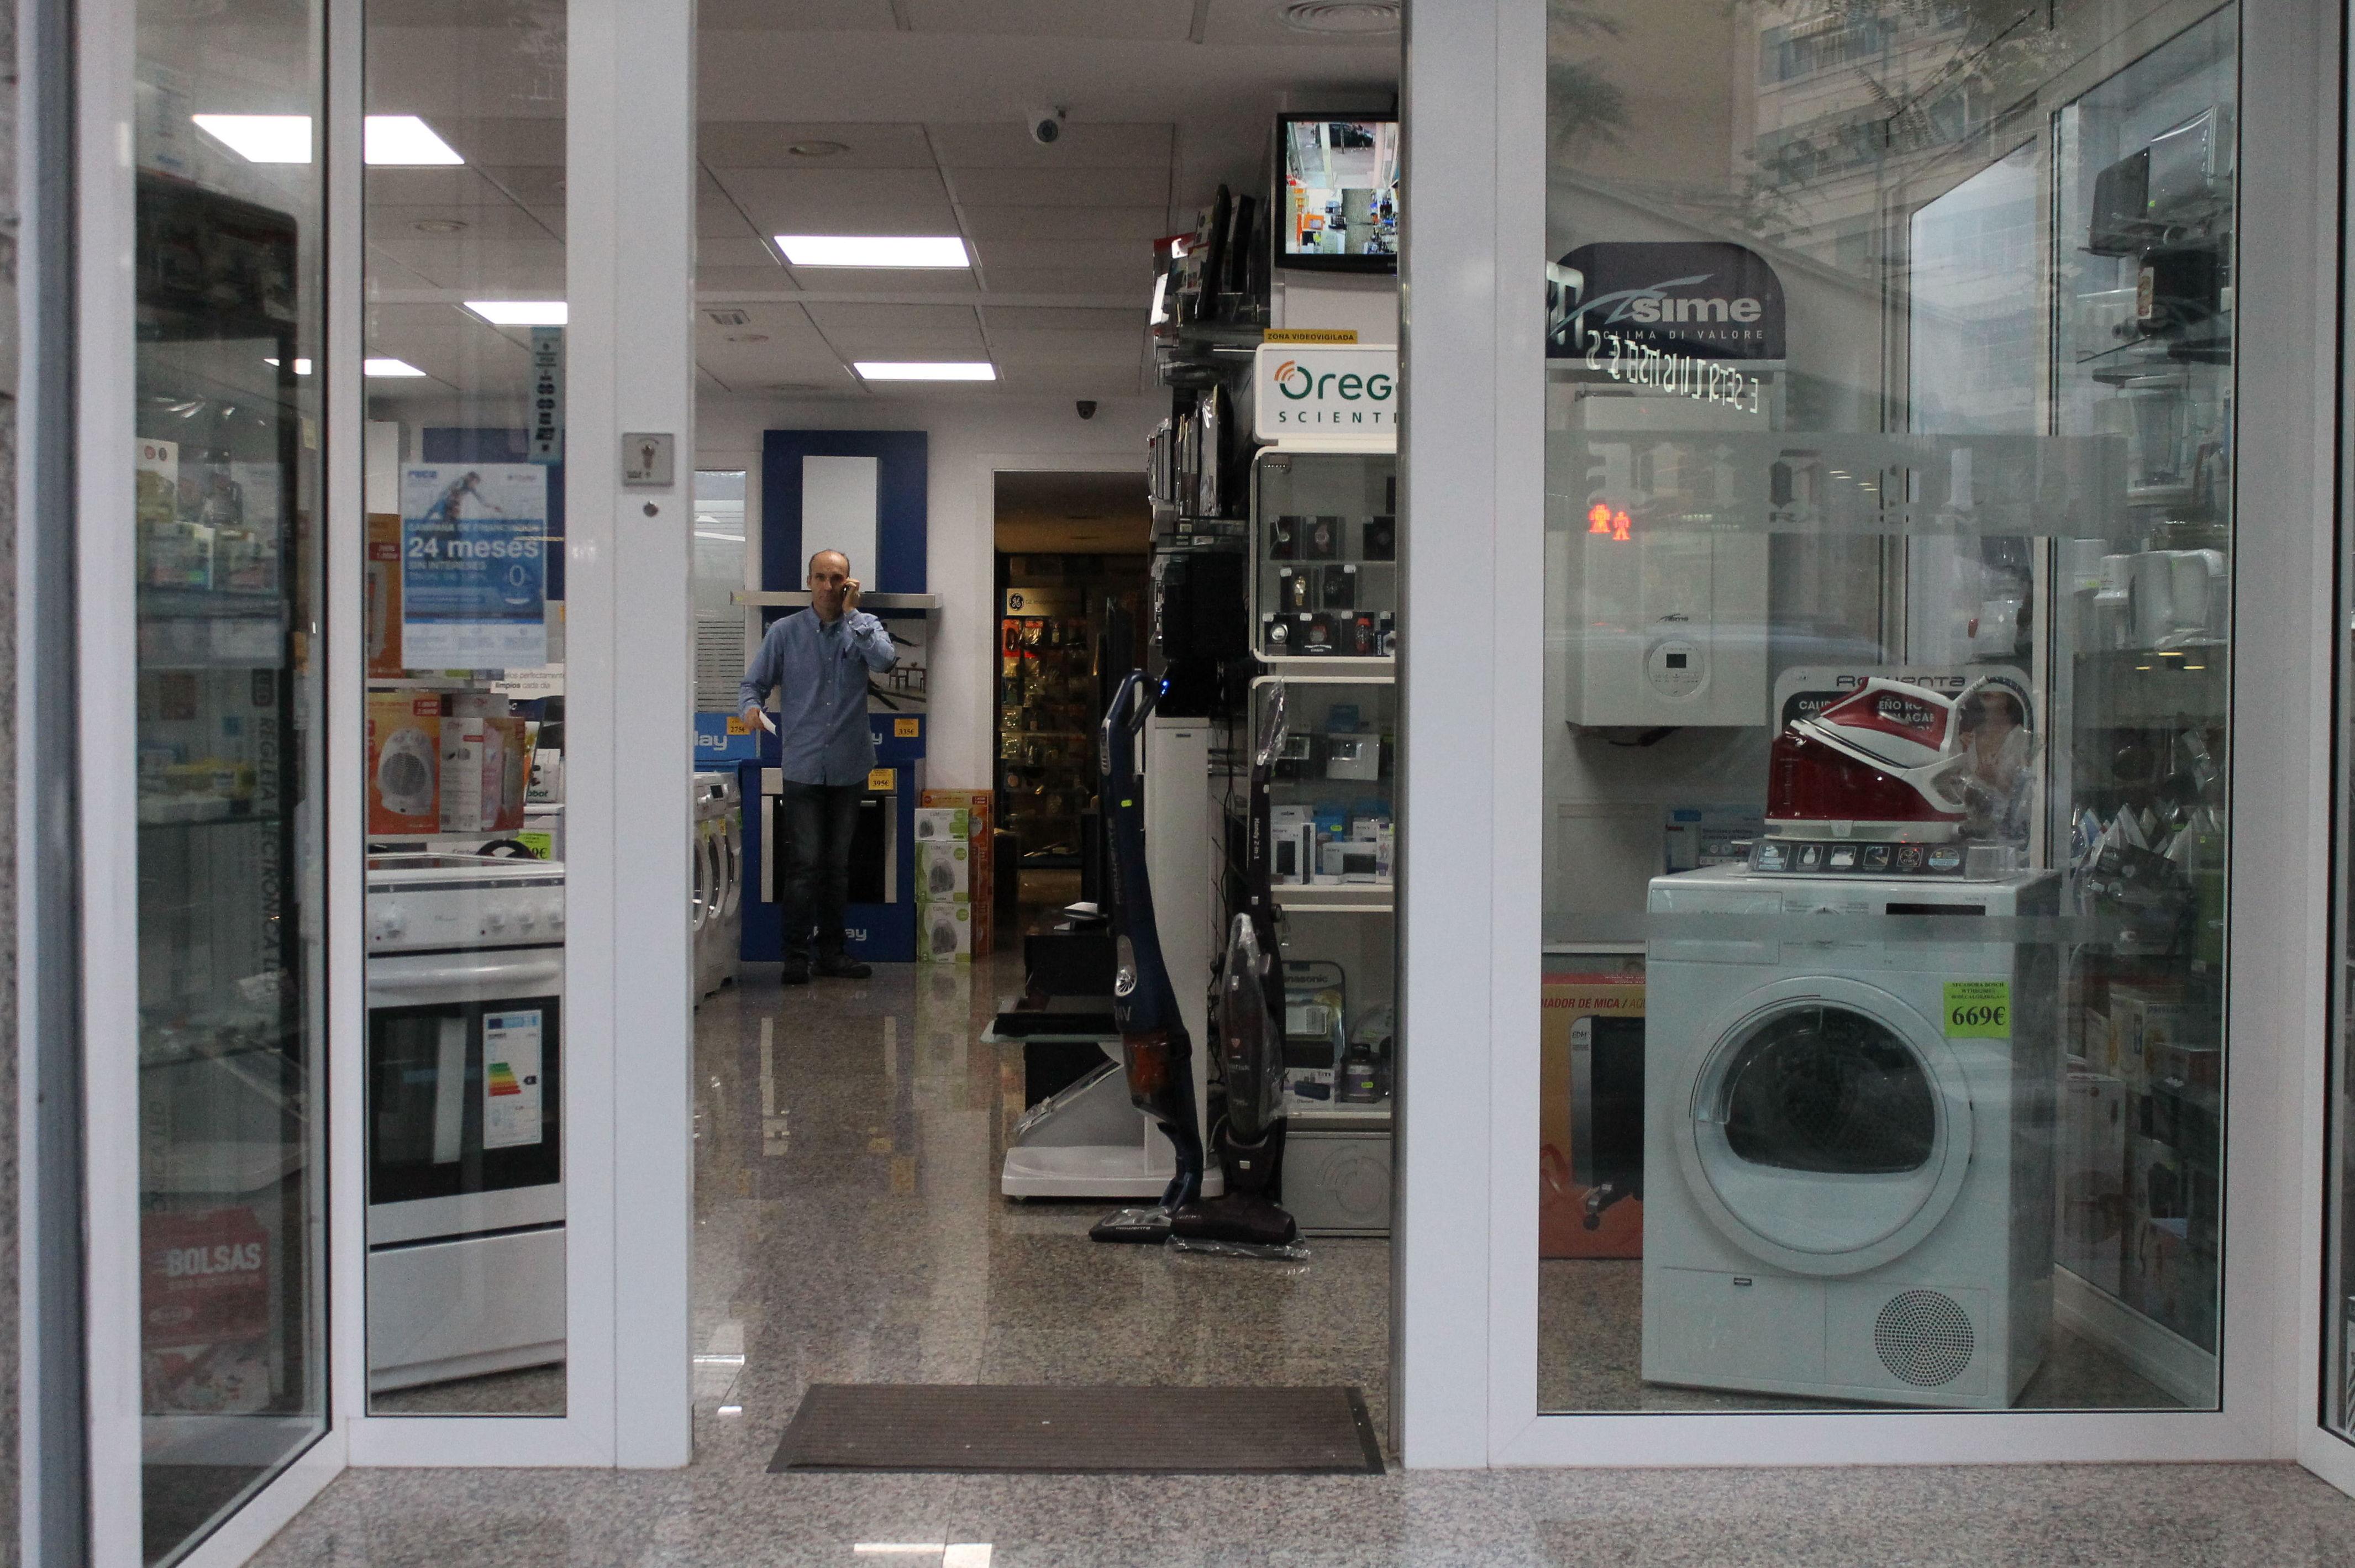 Instalación, venta y reparación de electrodomésticos en Tarragona